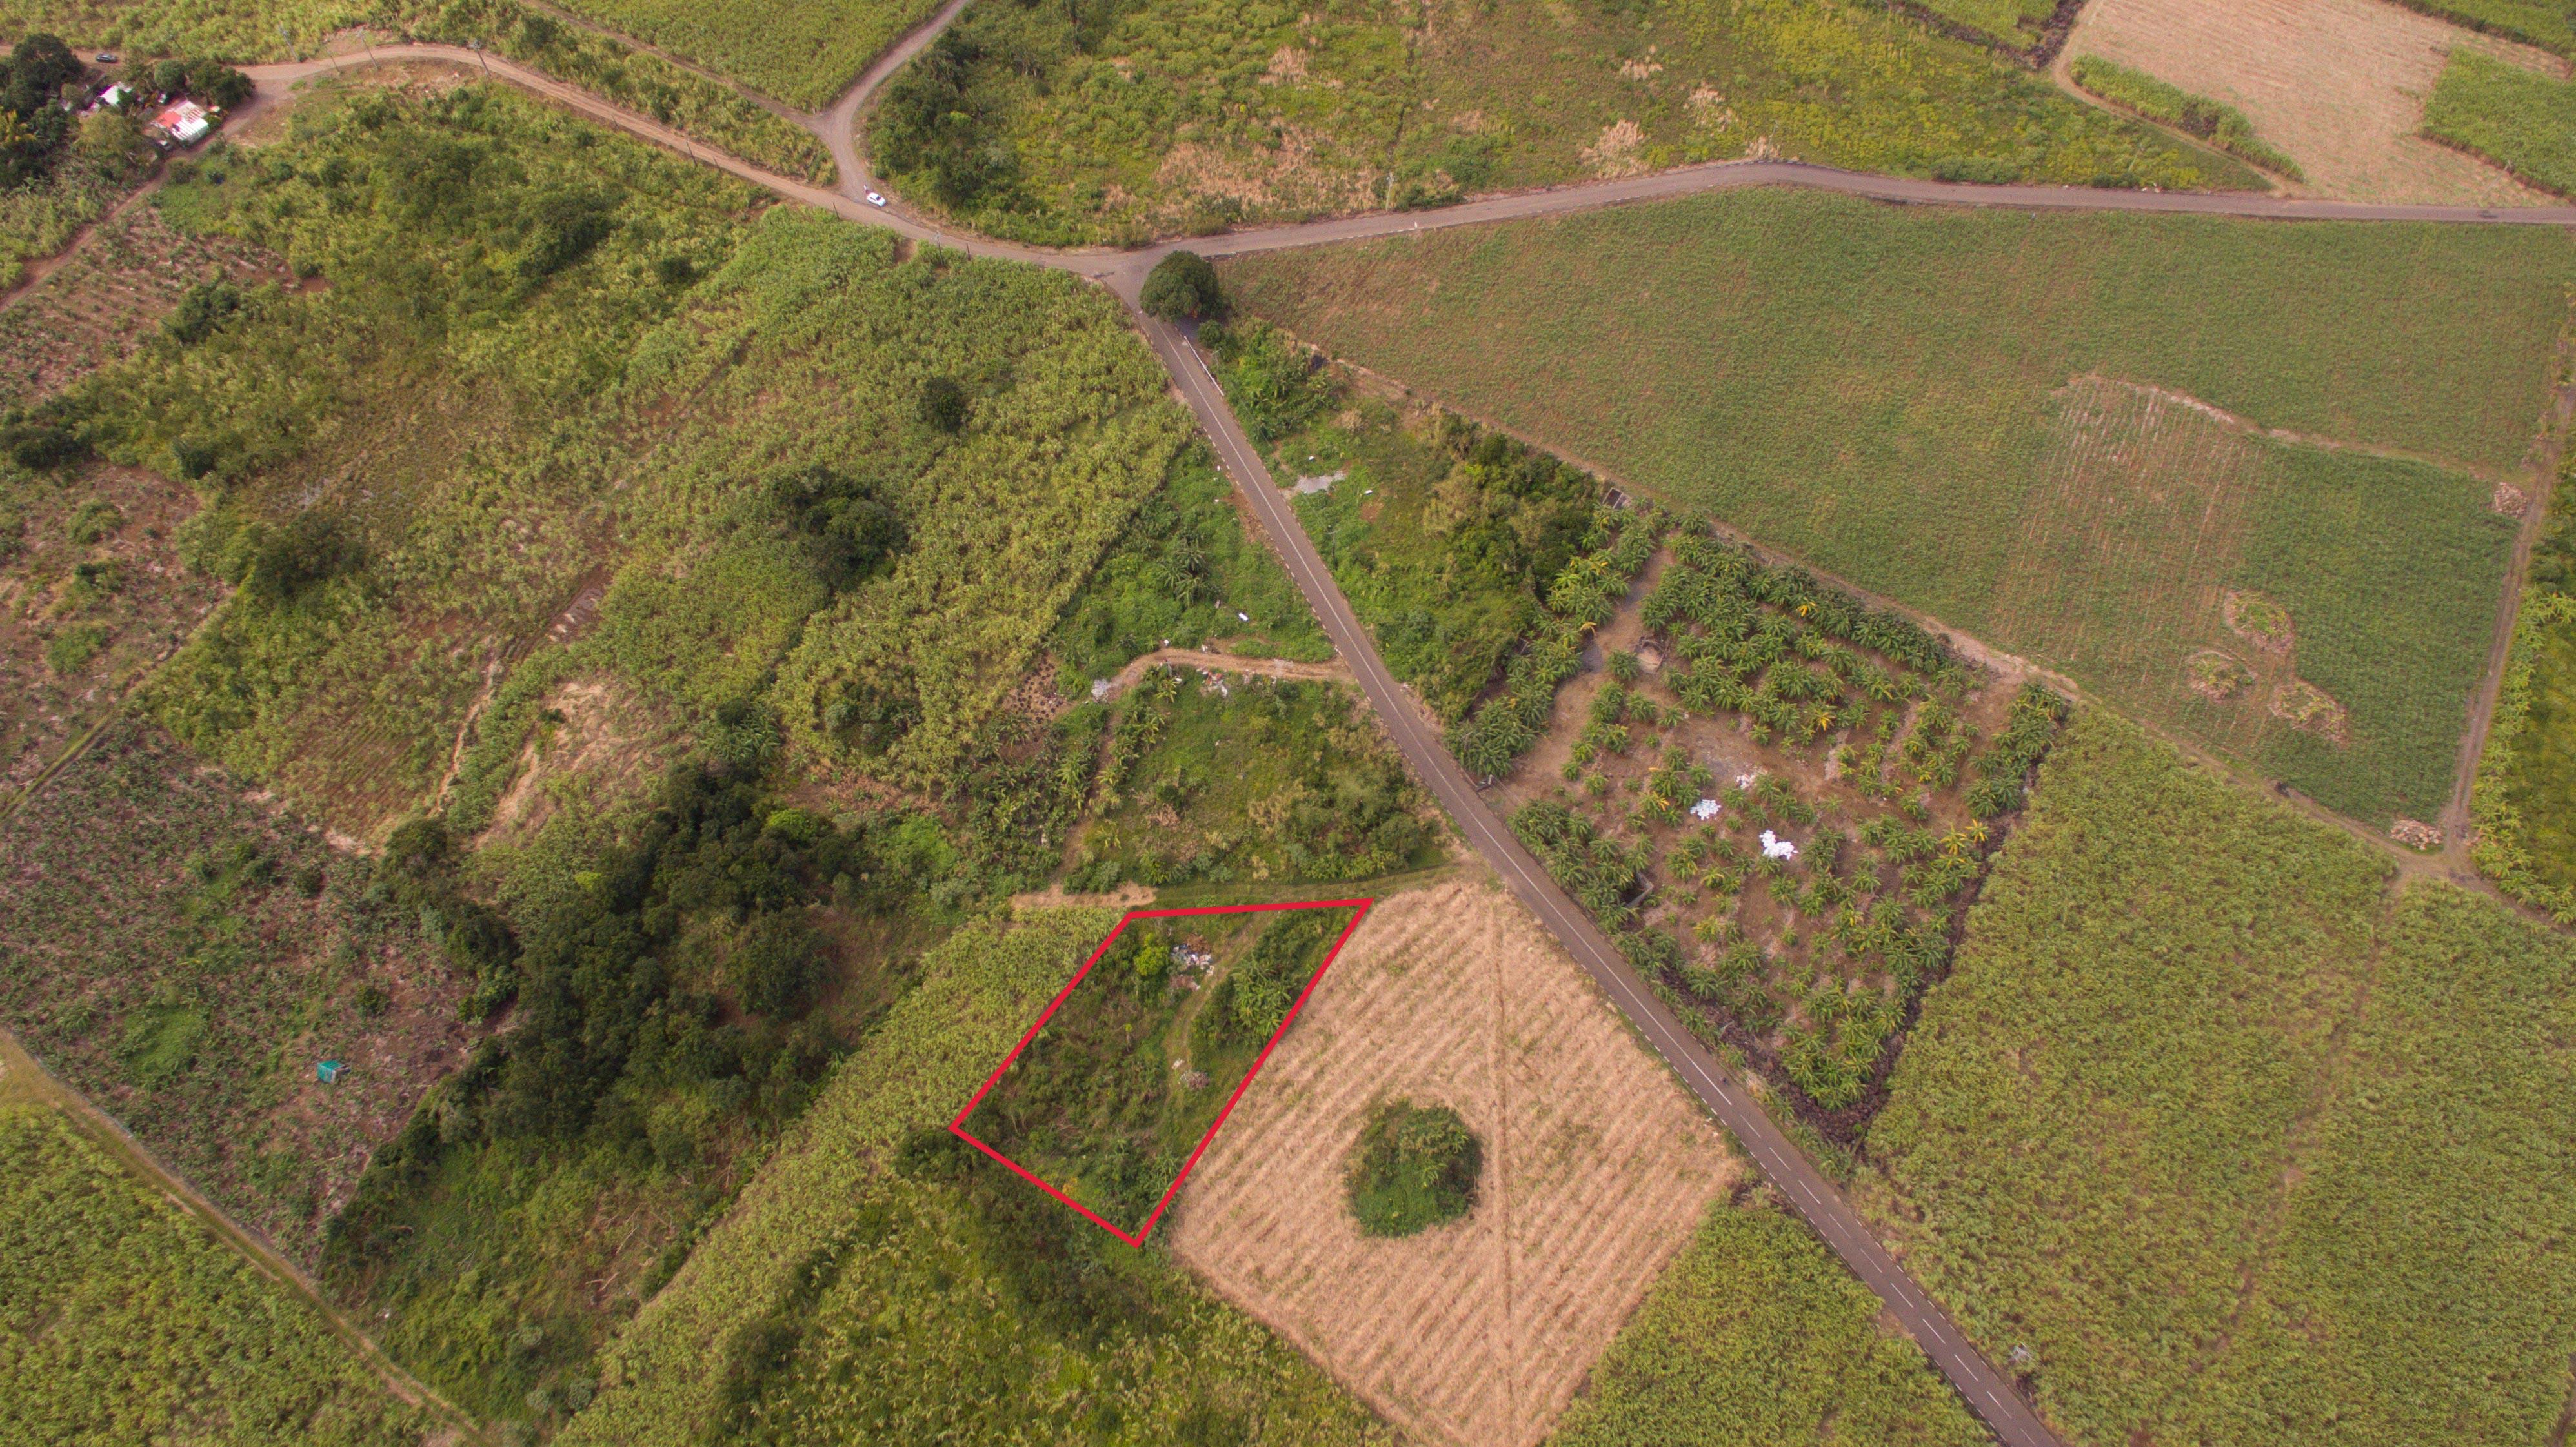 A plot of land on Chamouny Road, Chamouny - lot 4